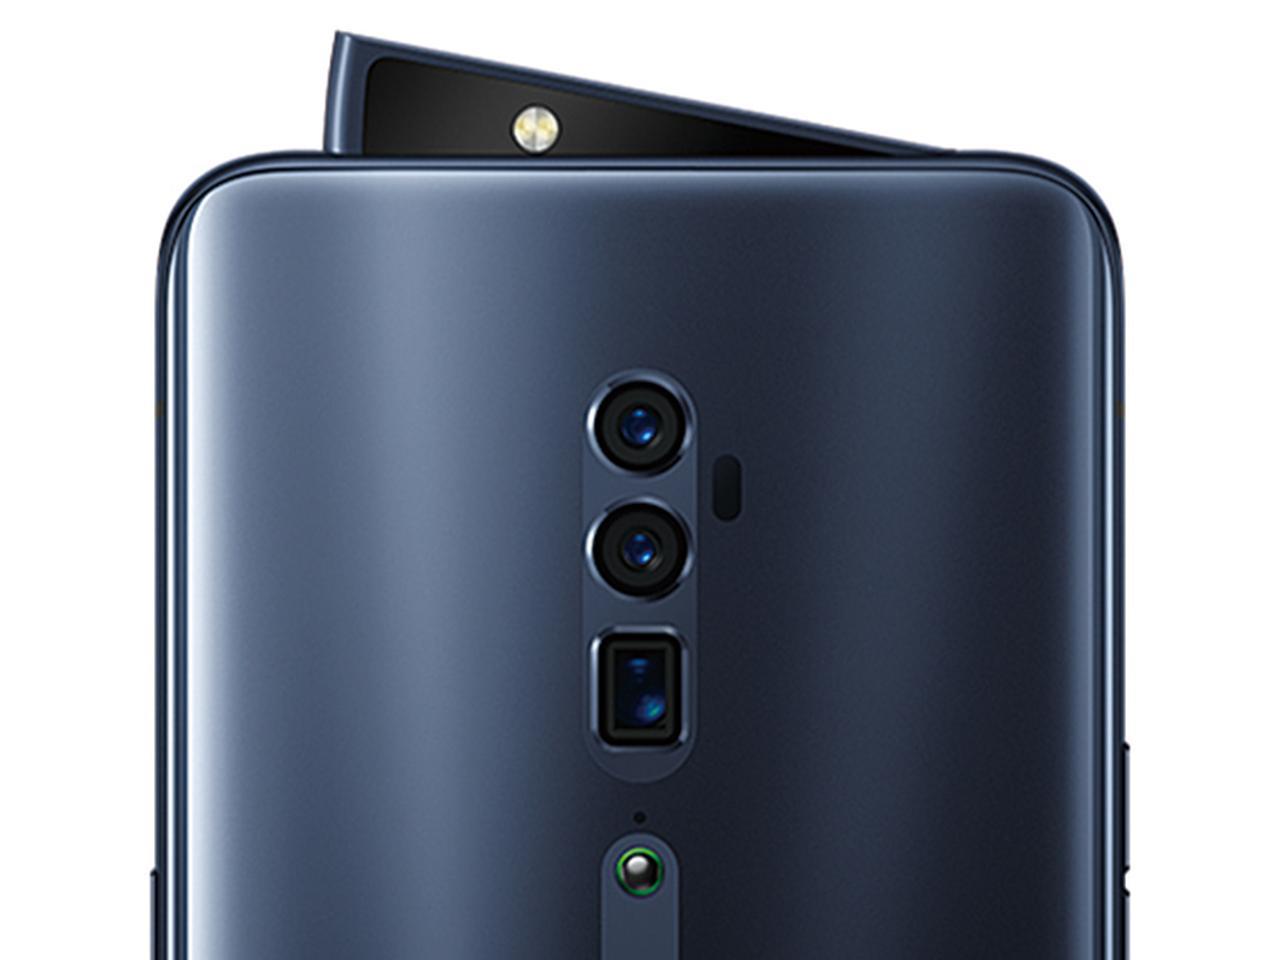 画像: インカメラおよびアウトカメラ用のフラッシュは、ピボットライジング構造により、使うときだけ自動で出てくる仕組み。